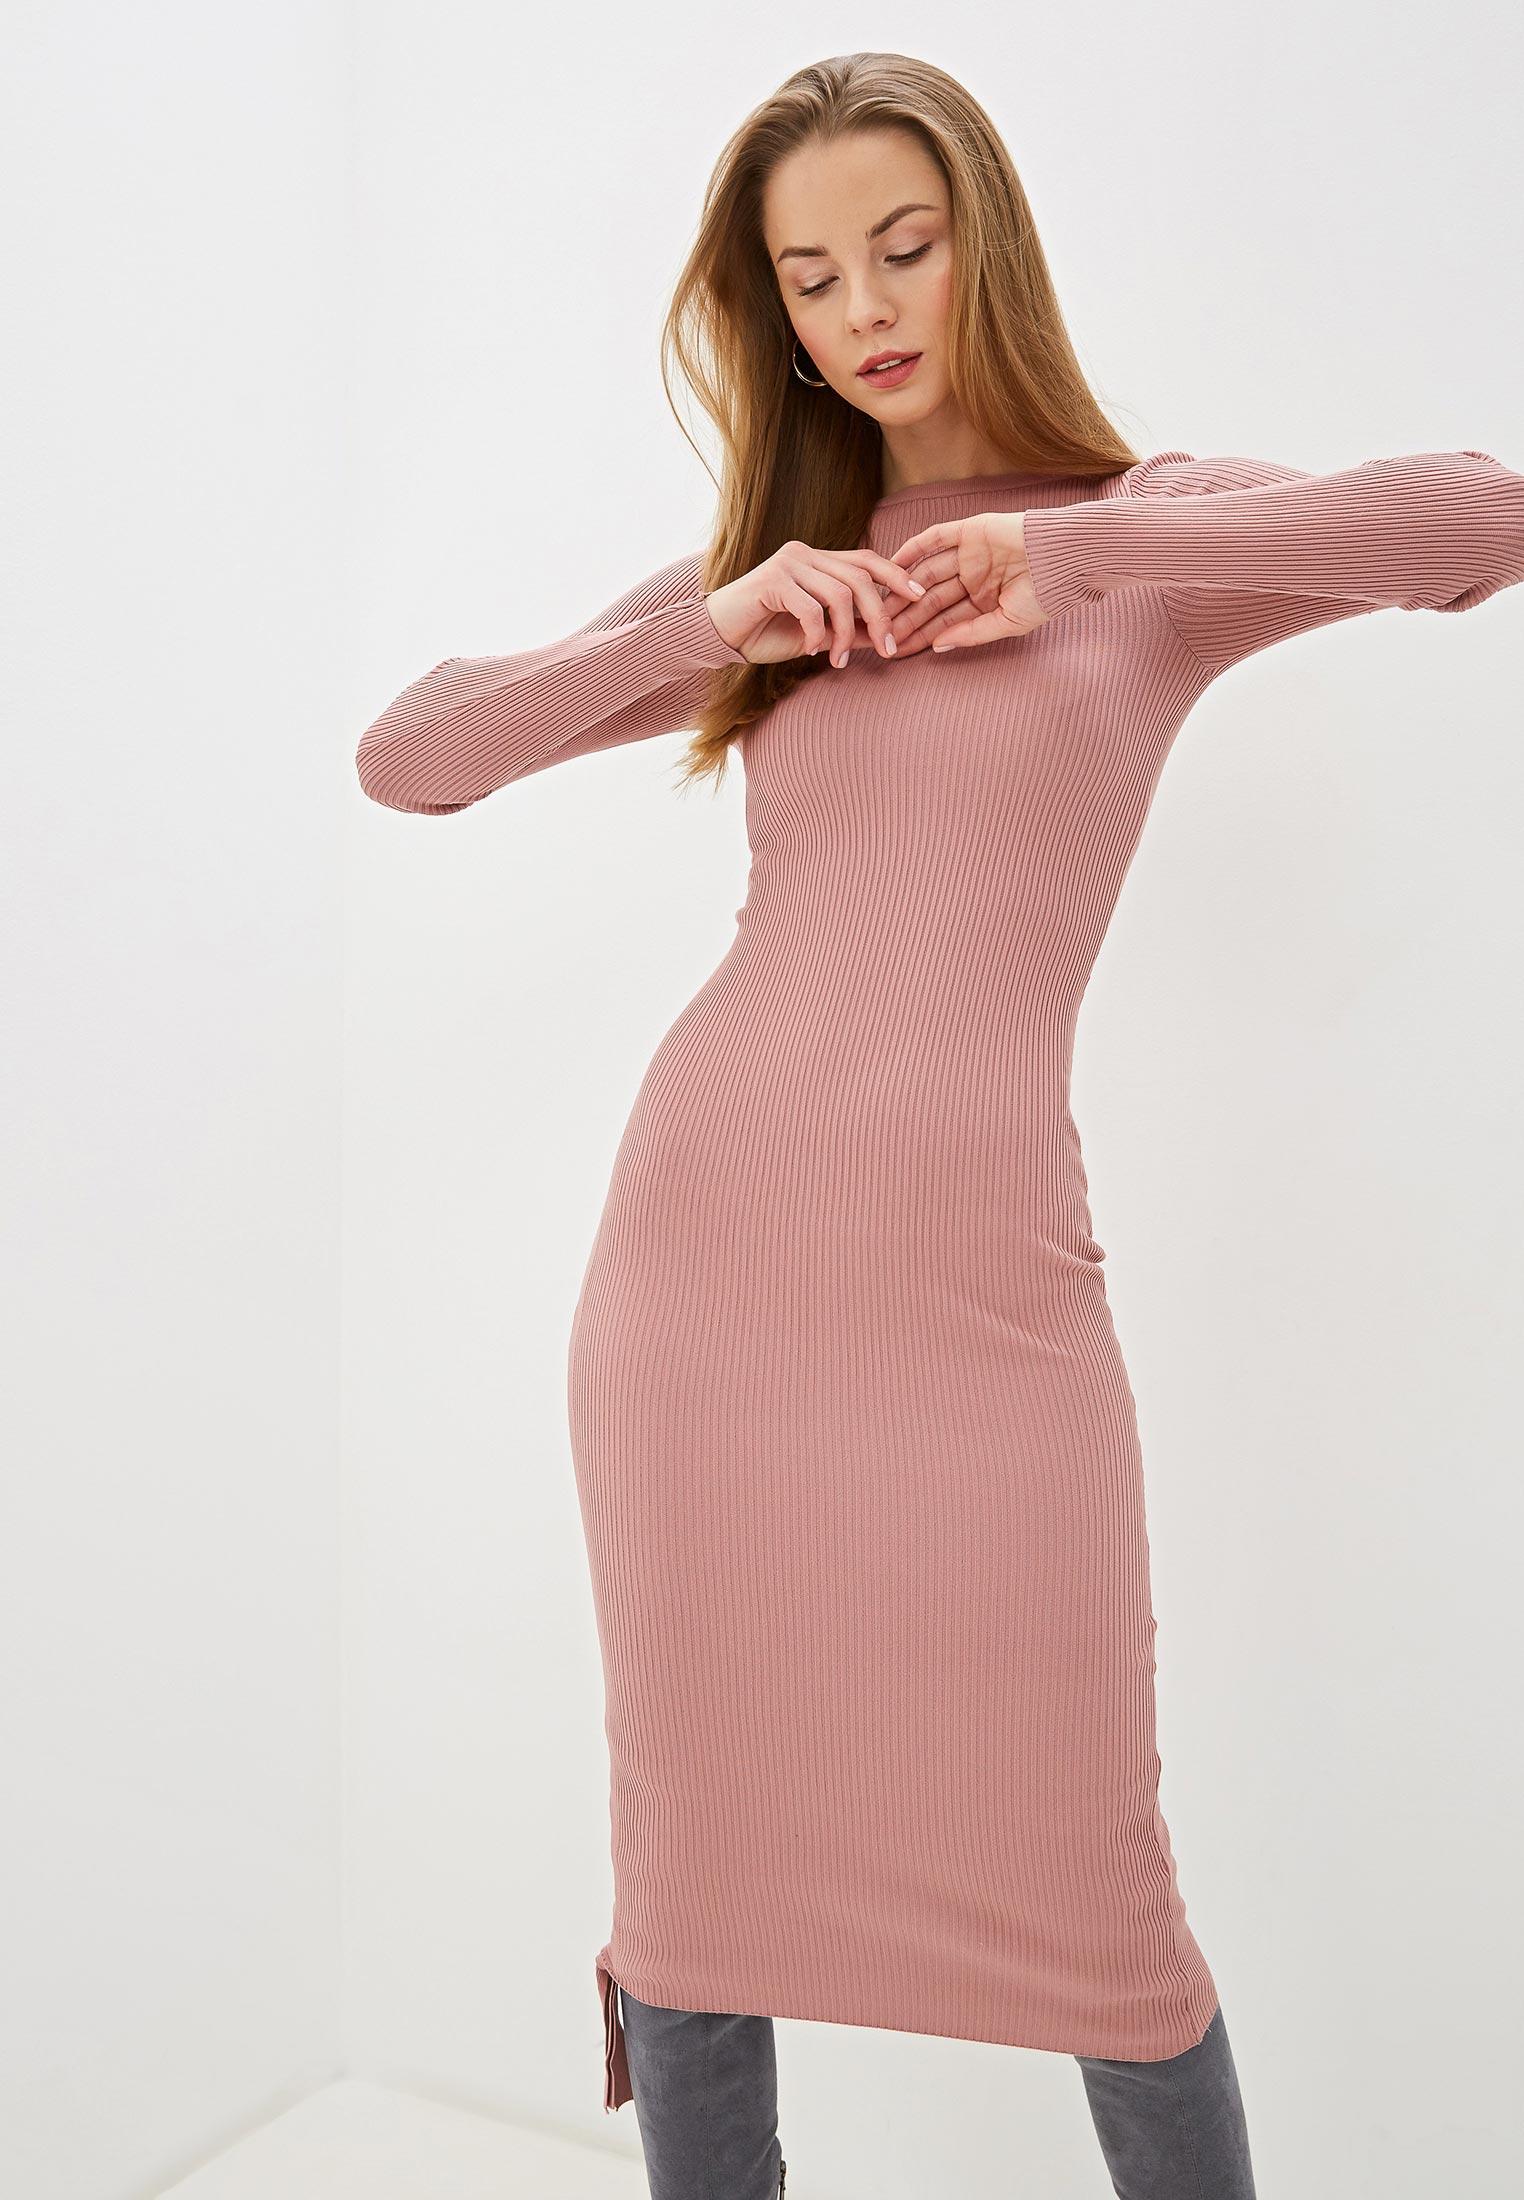 Вязаное платье River Island (Ривер Айленд) 799232